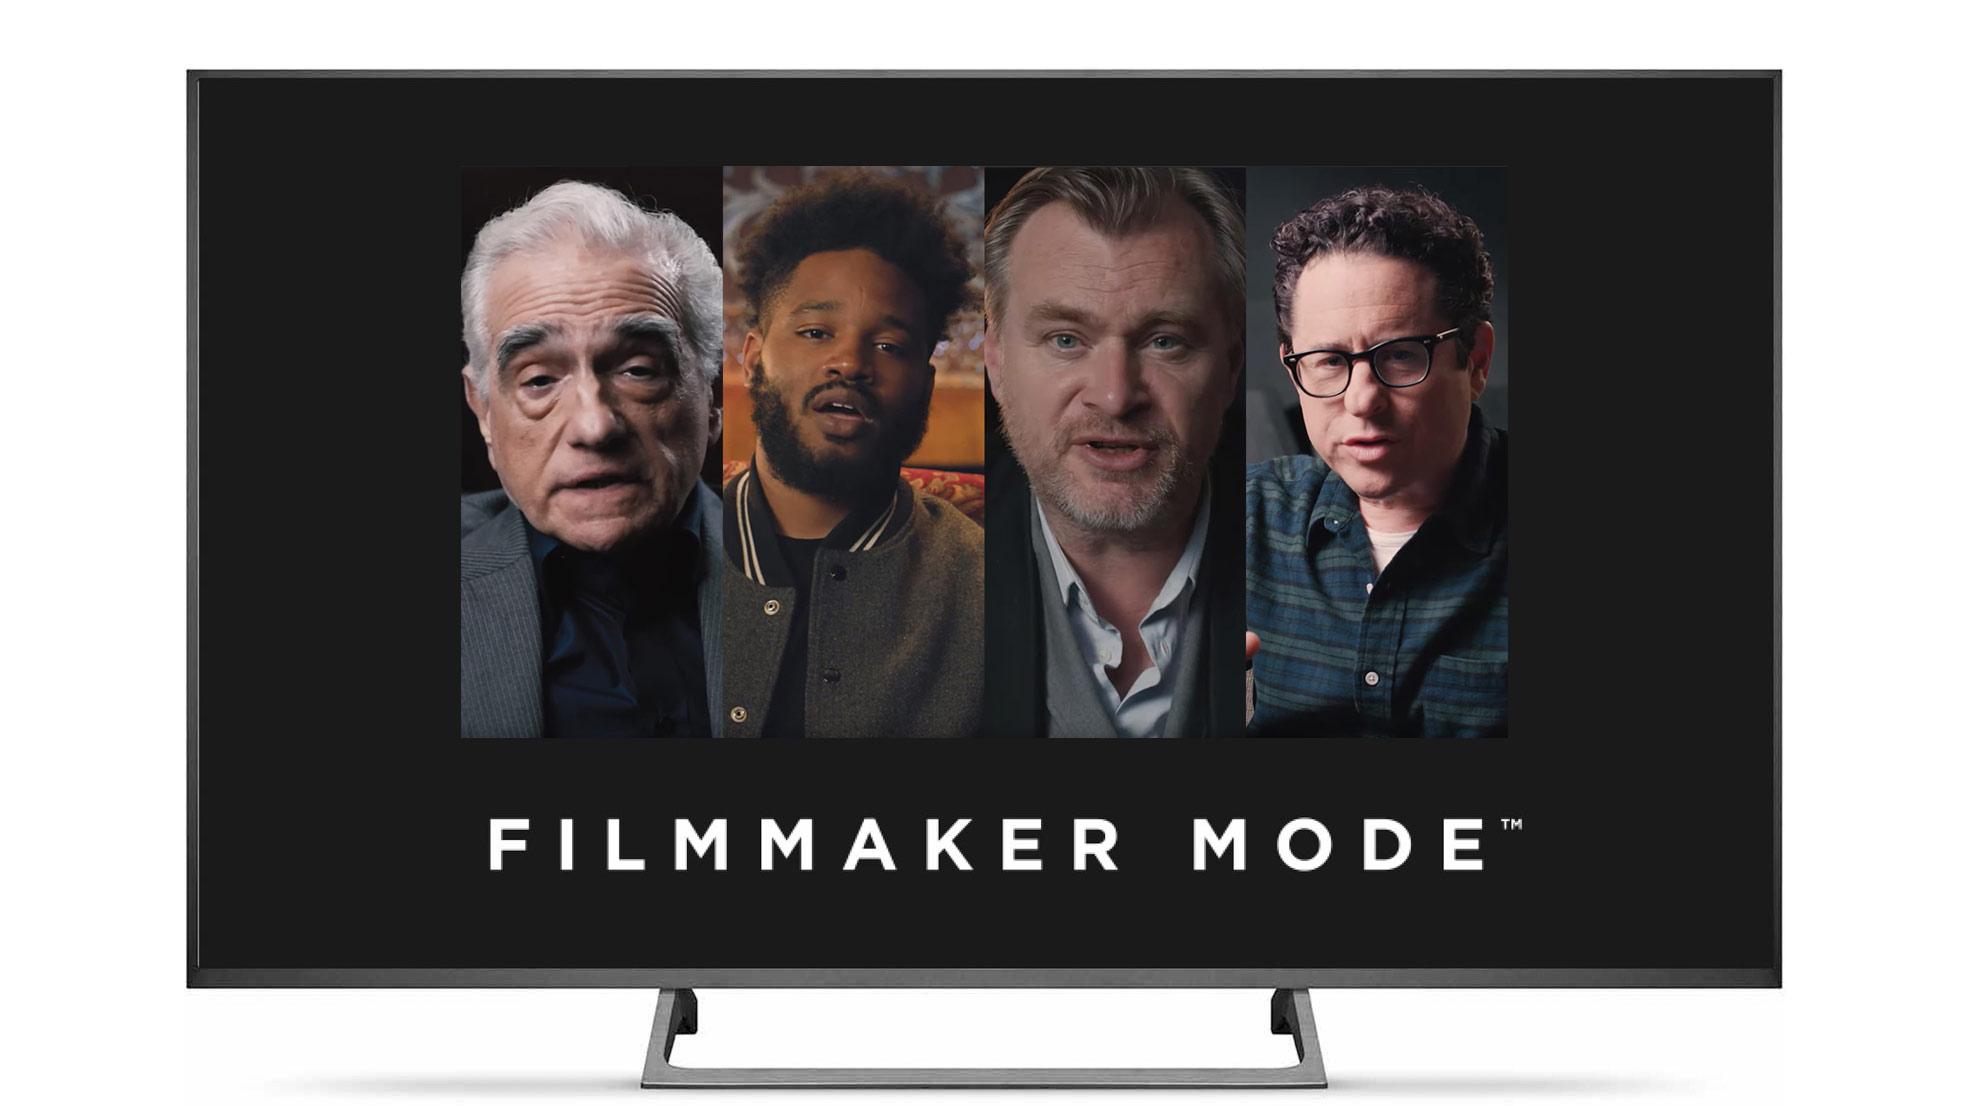 著名映画監督らがテレビに「映画制作者モード」を提唱 - 映画制作者の意図通りに表示